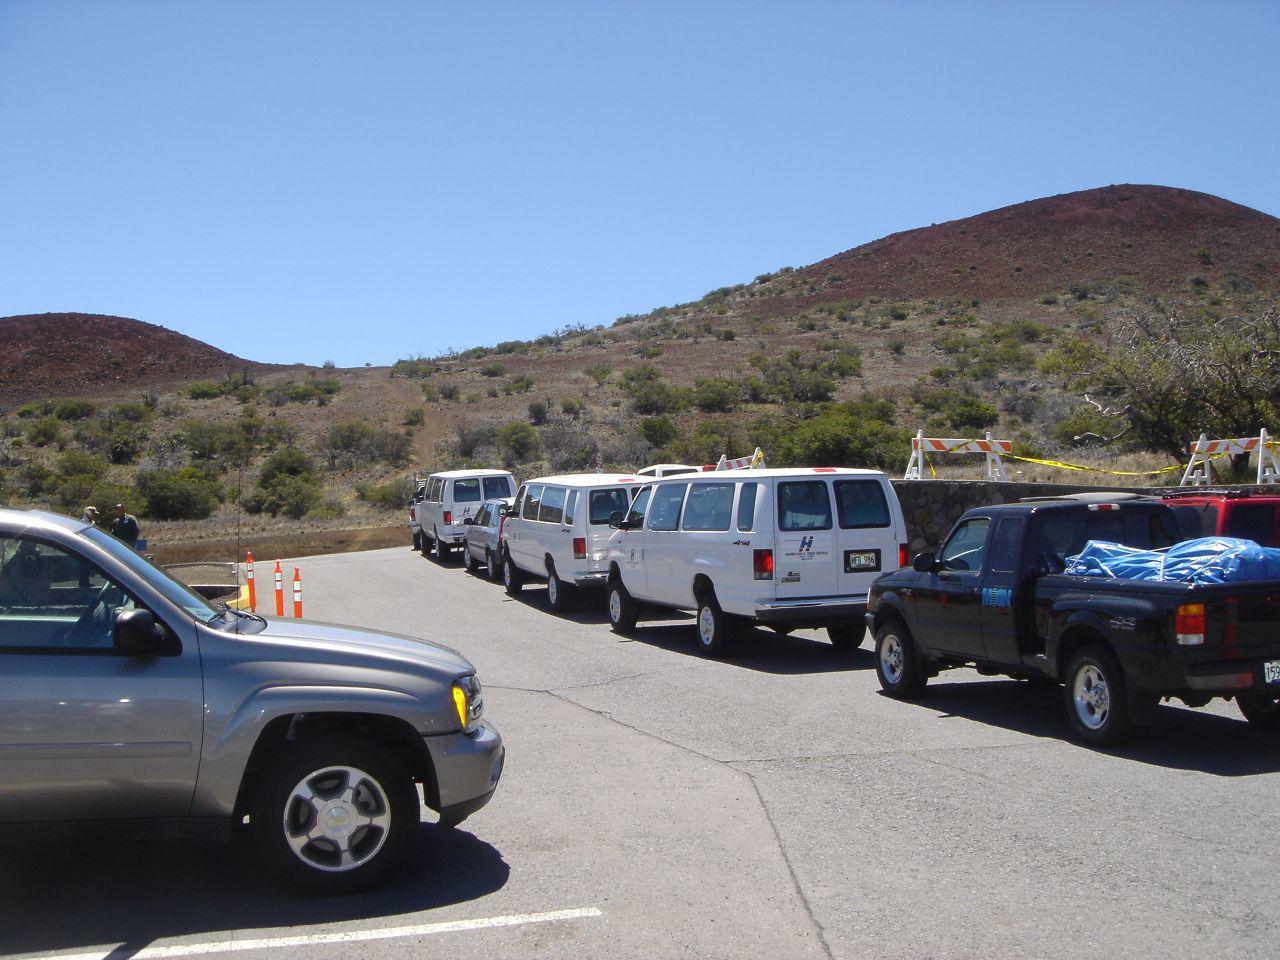 4x4 caravan going up Mona Kea